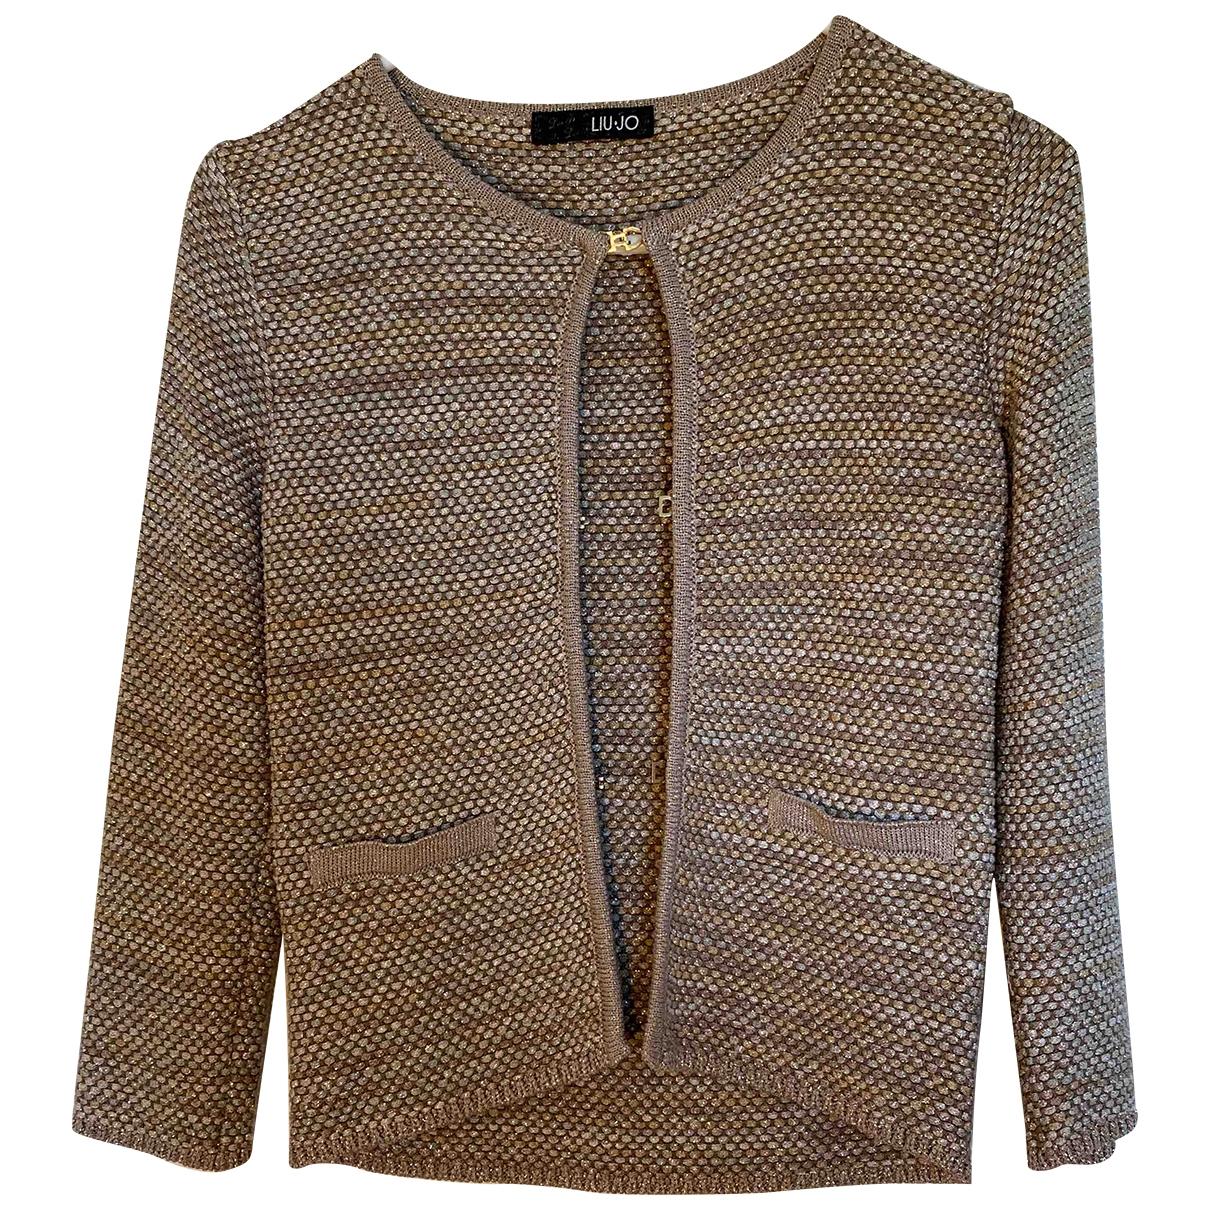 Liu.jo \N Multicolour jacket for Women 38 FR